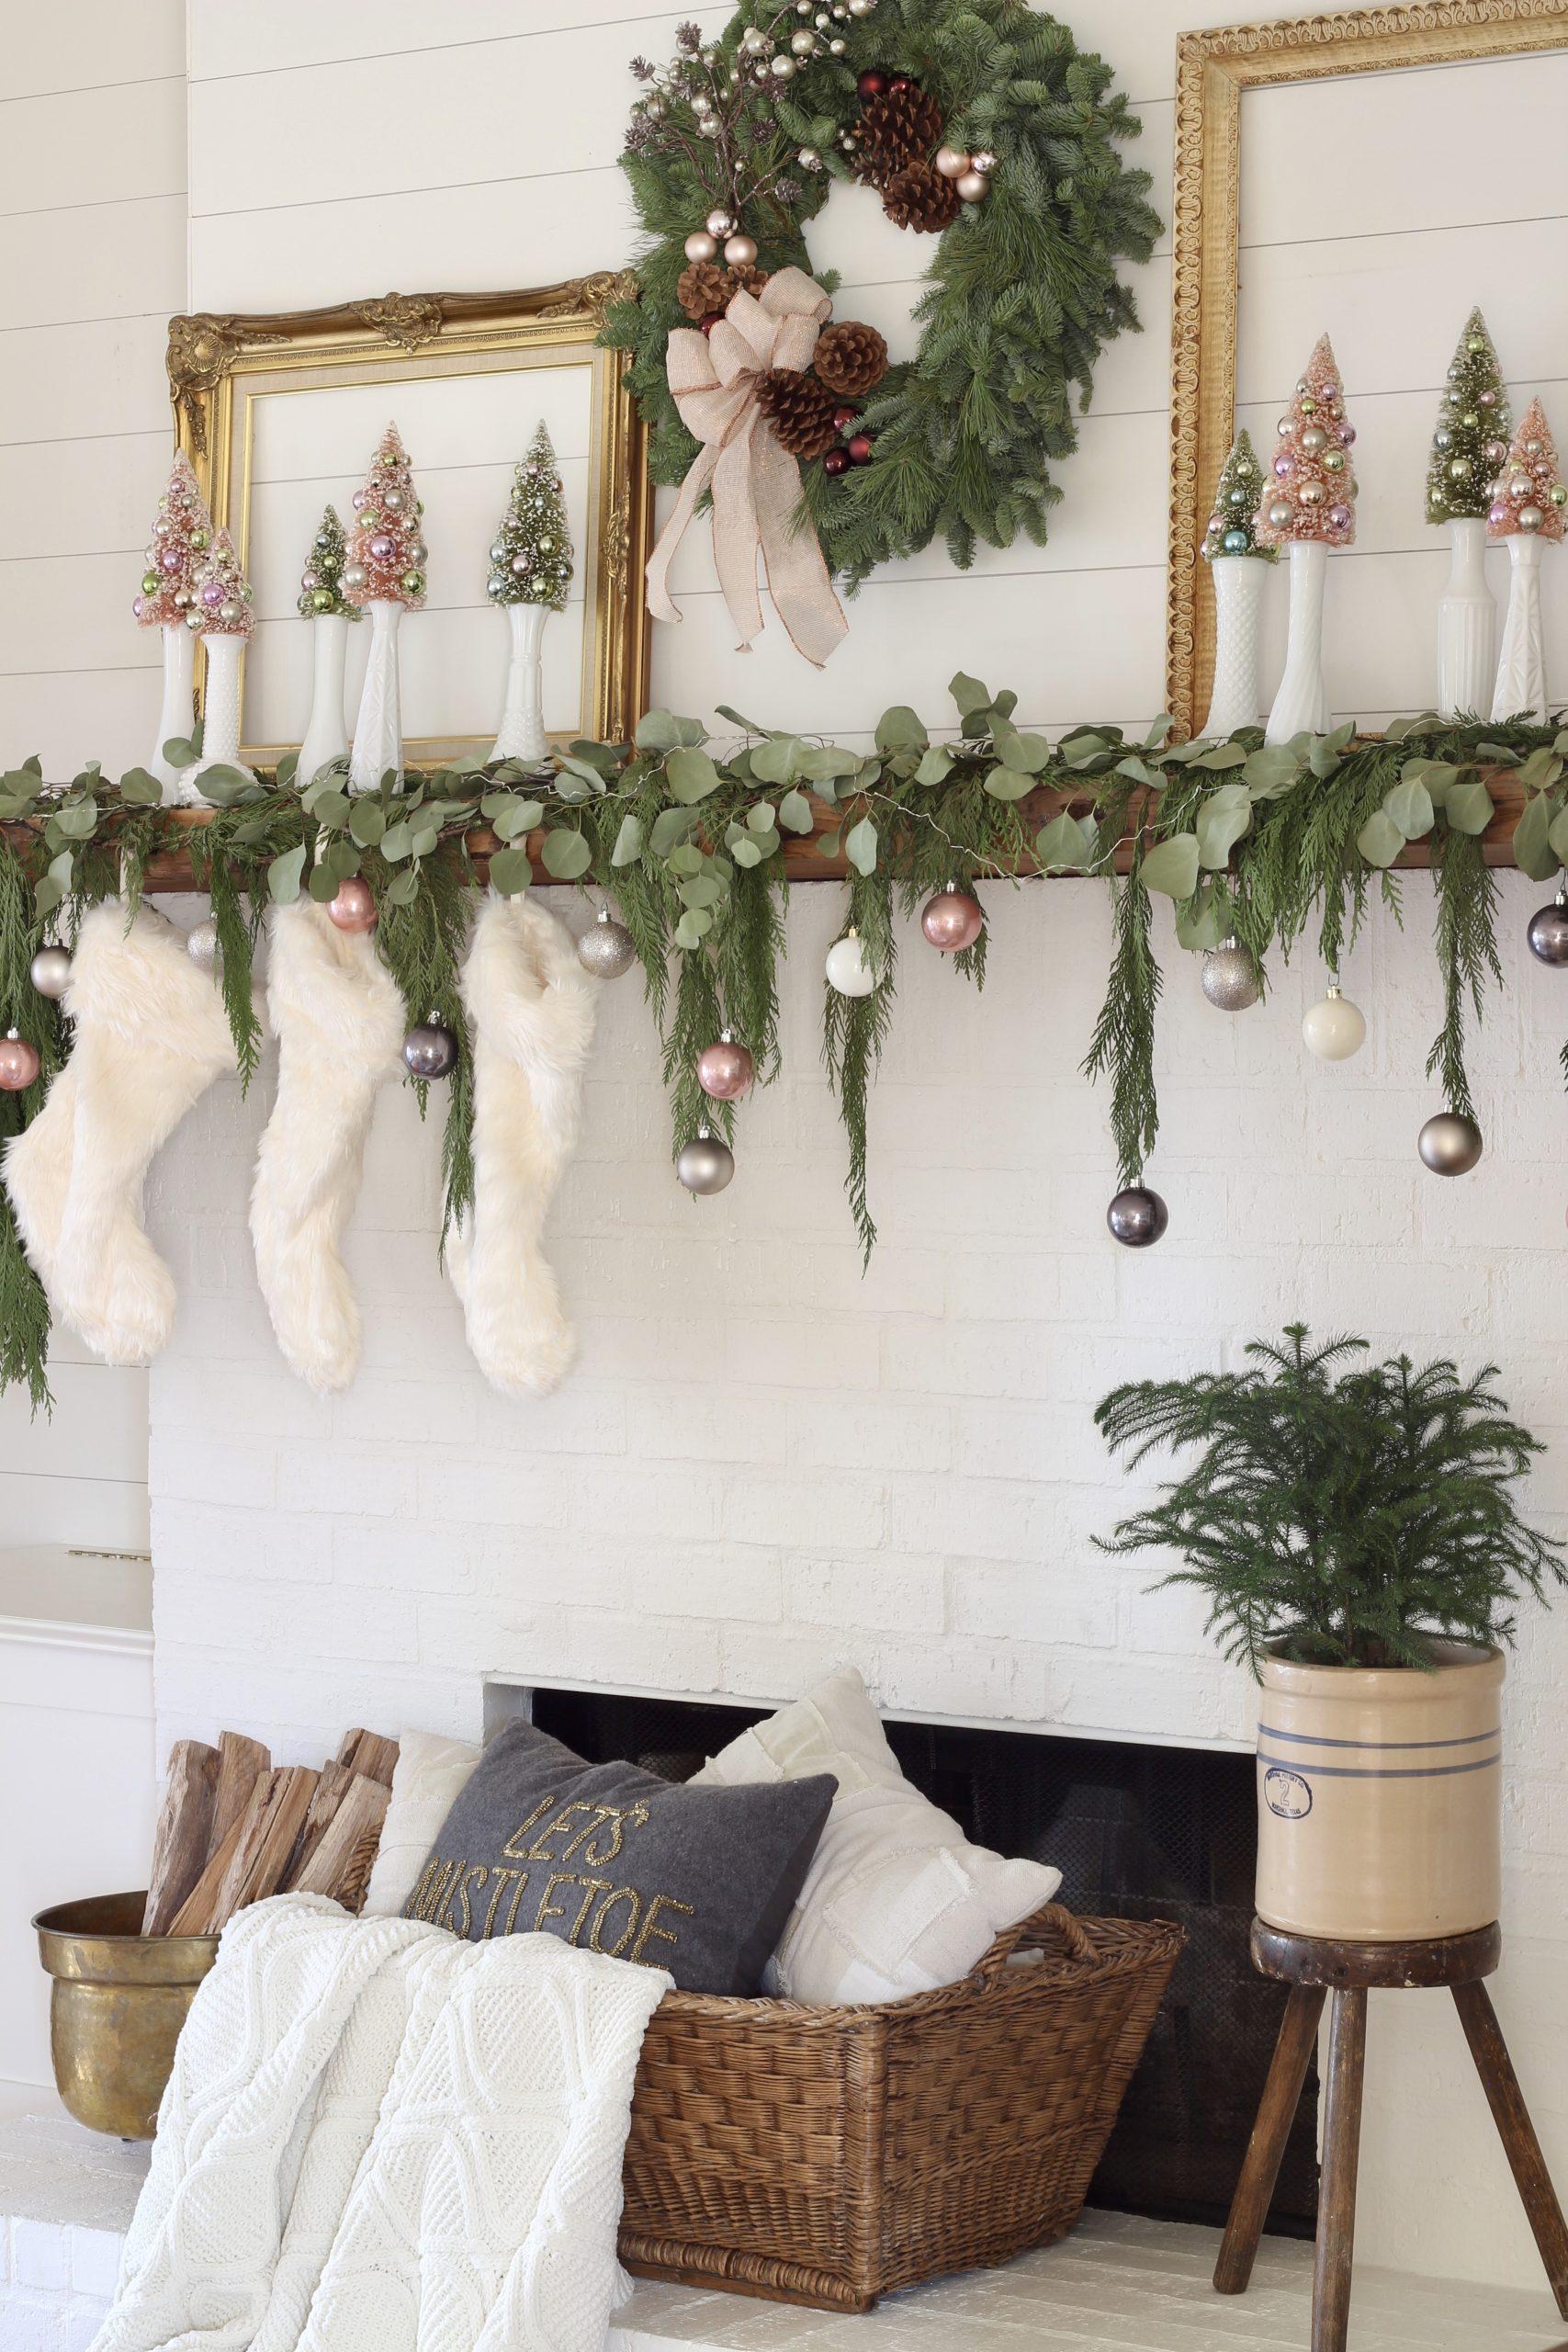 Noel mantel hakkında dökmeyen çelenk